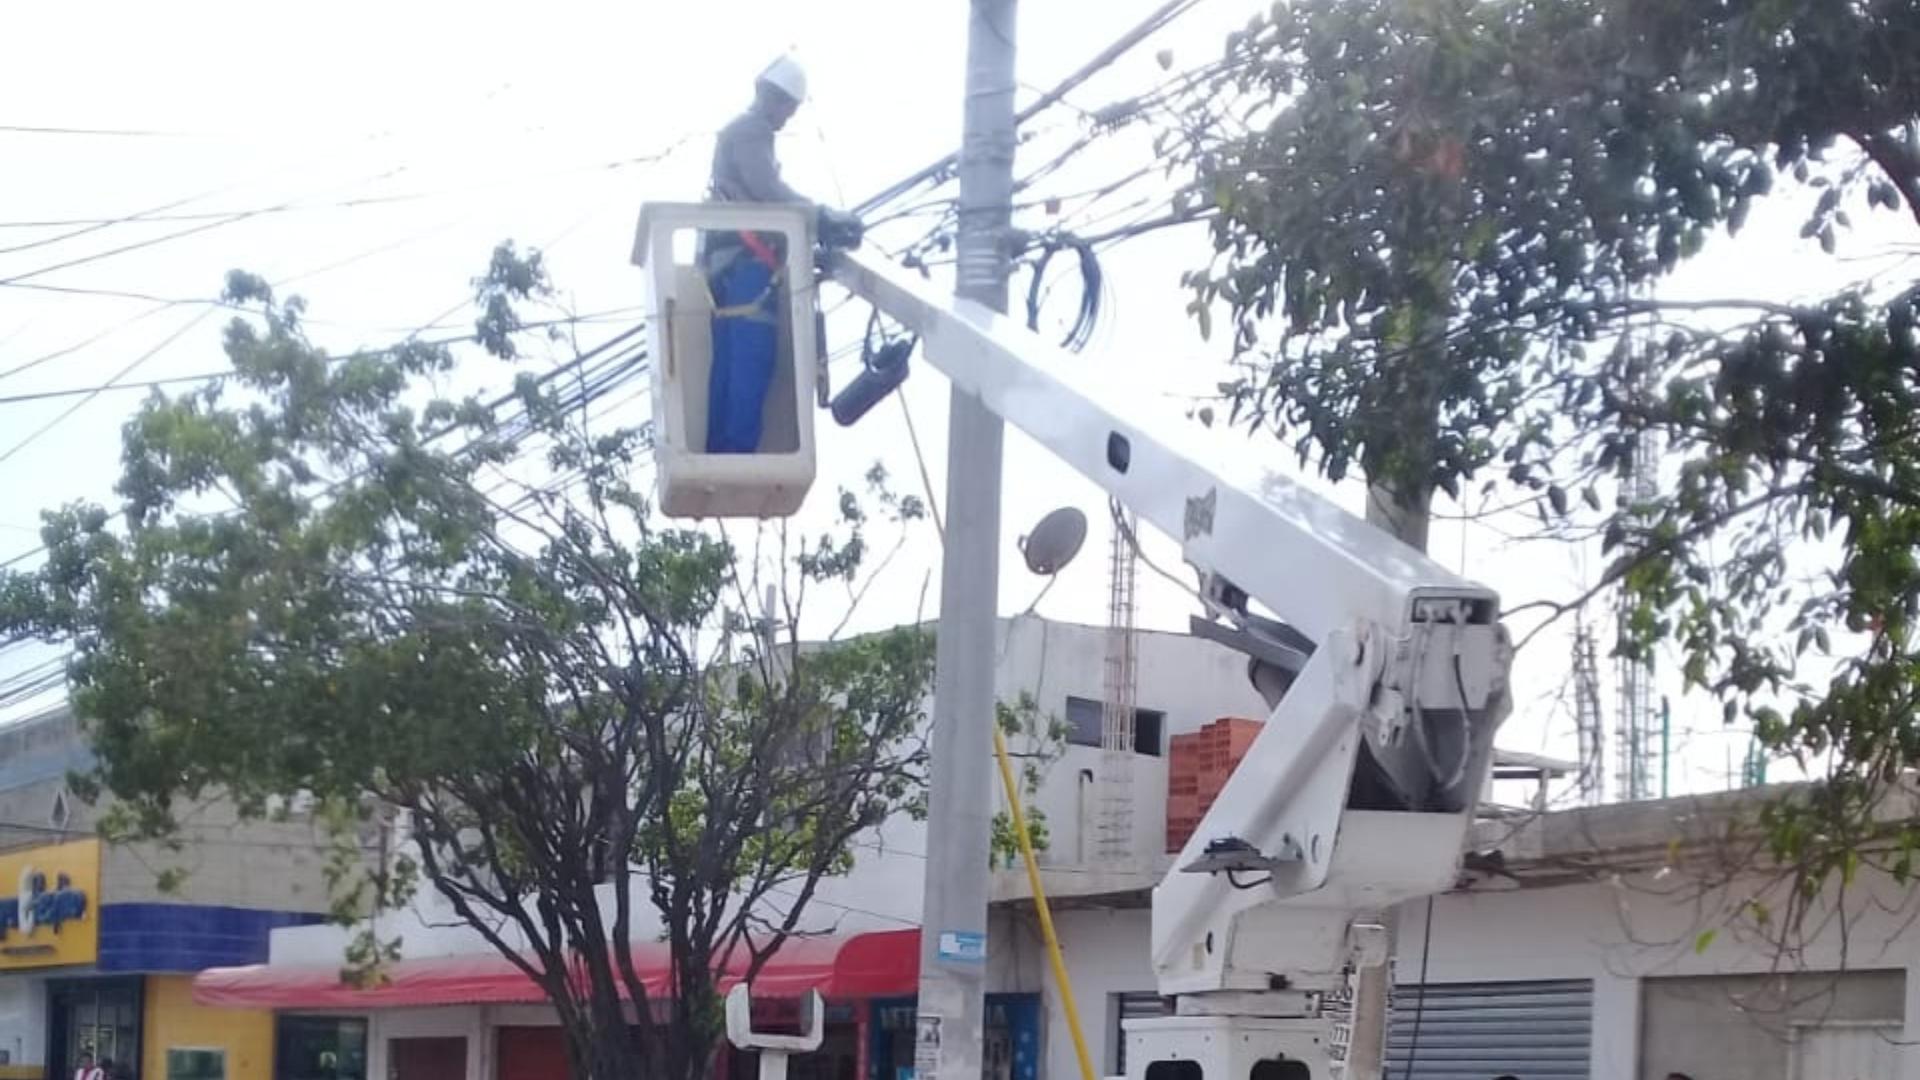 Una cuadrilla de Electricaribe llegó para reparar el daño en el sector.